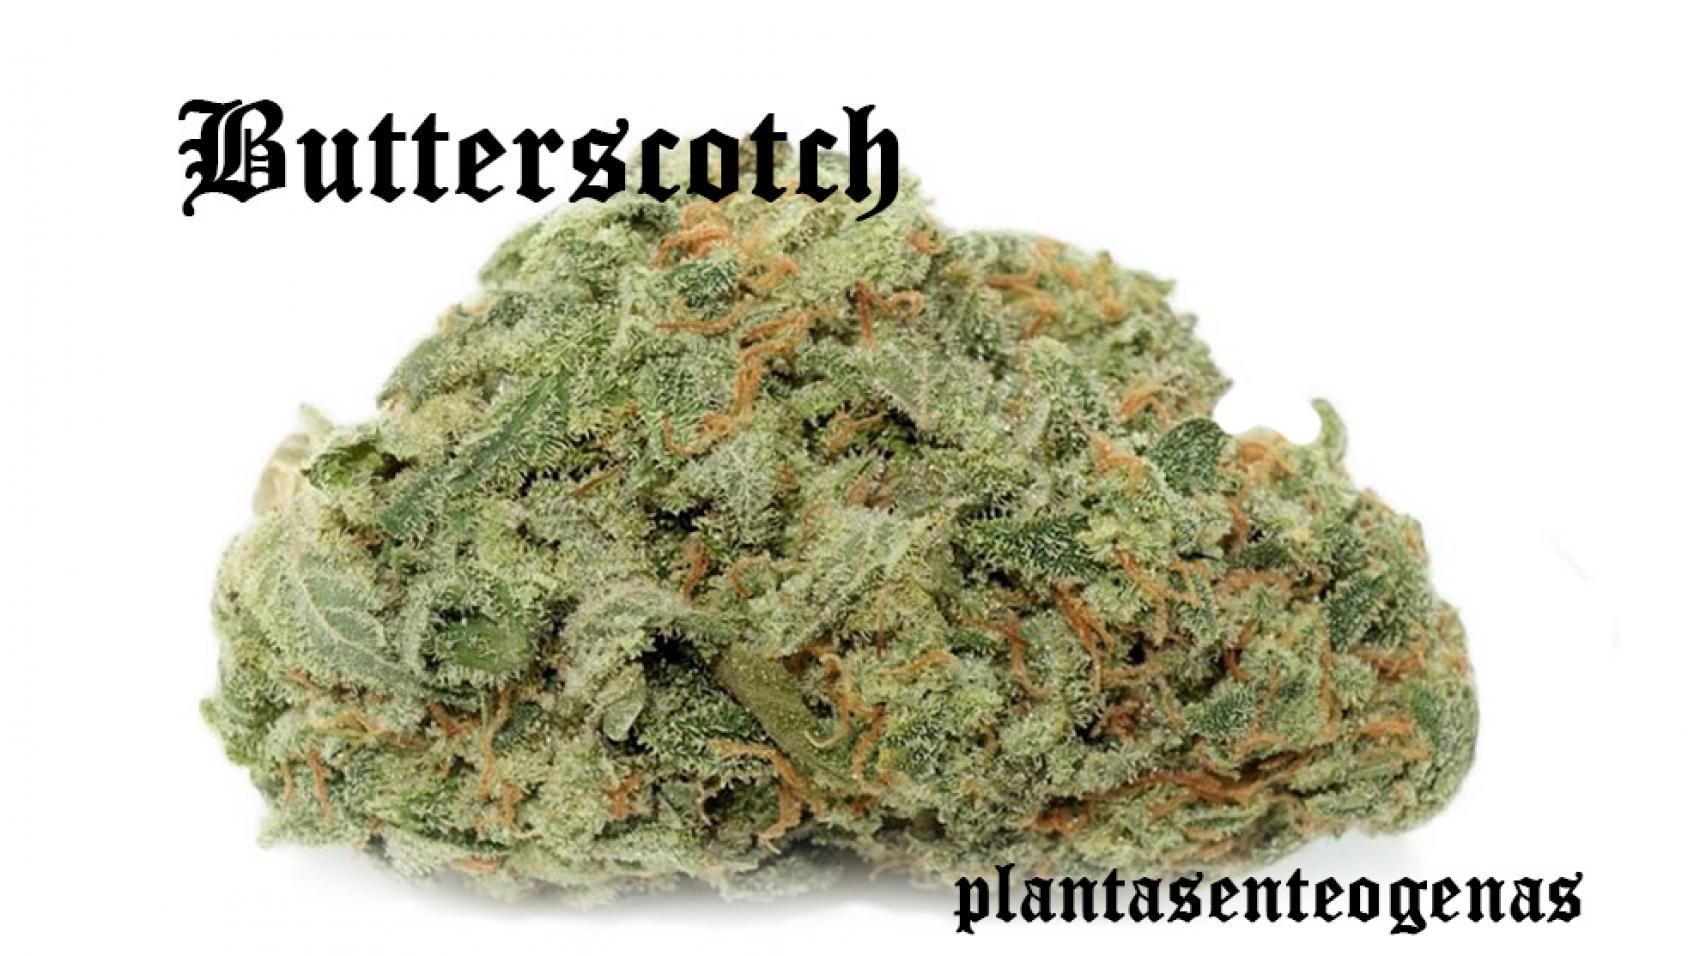 butterscotch-003